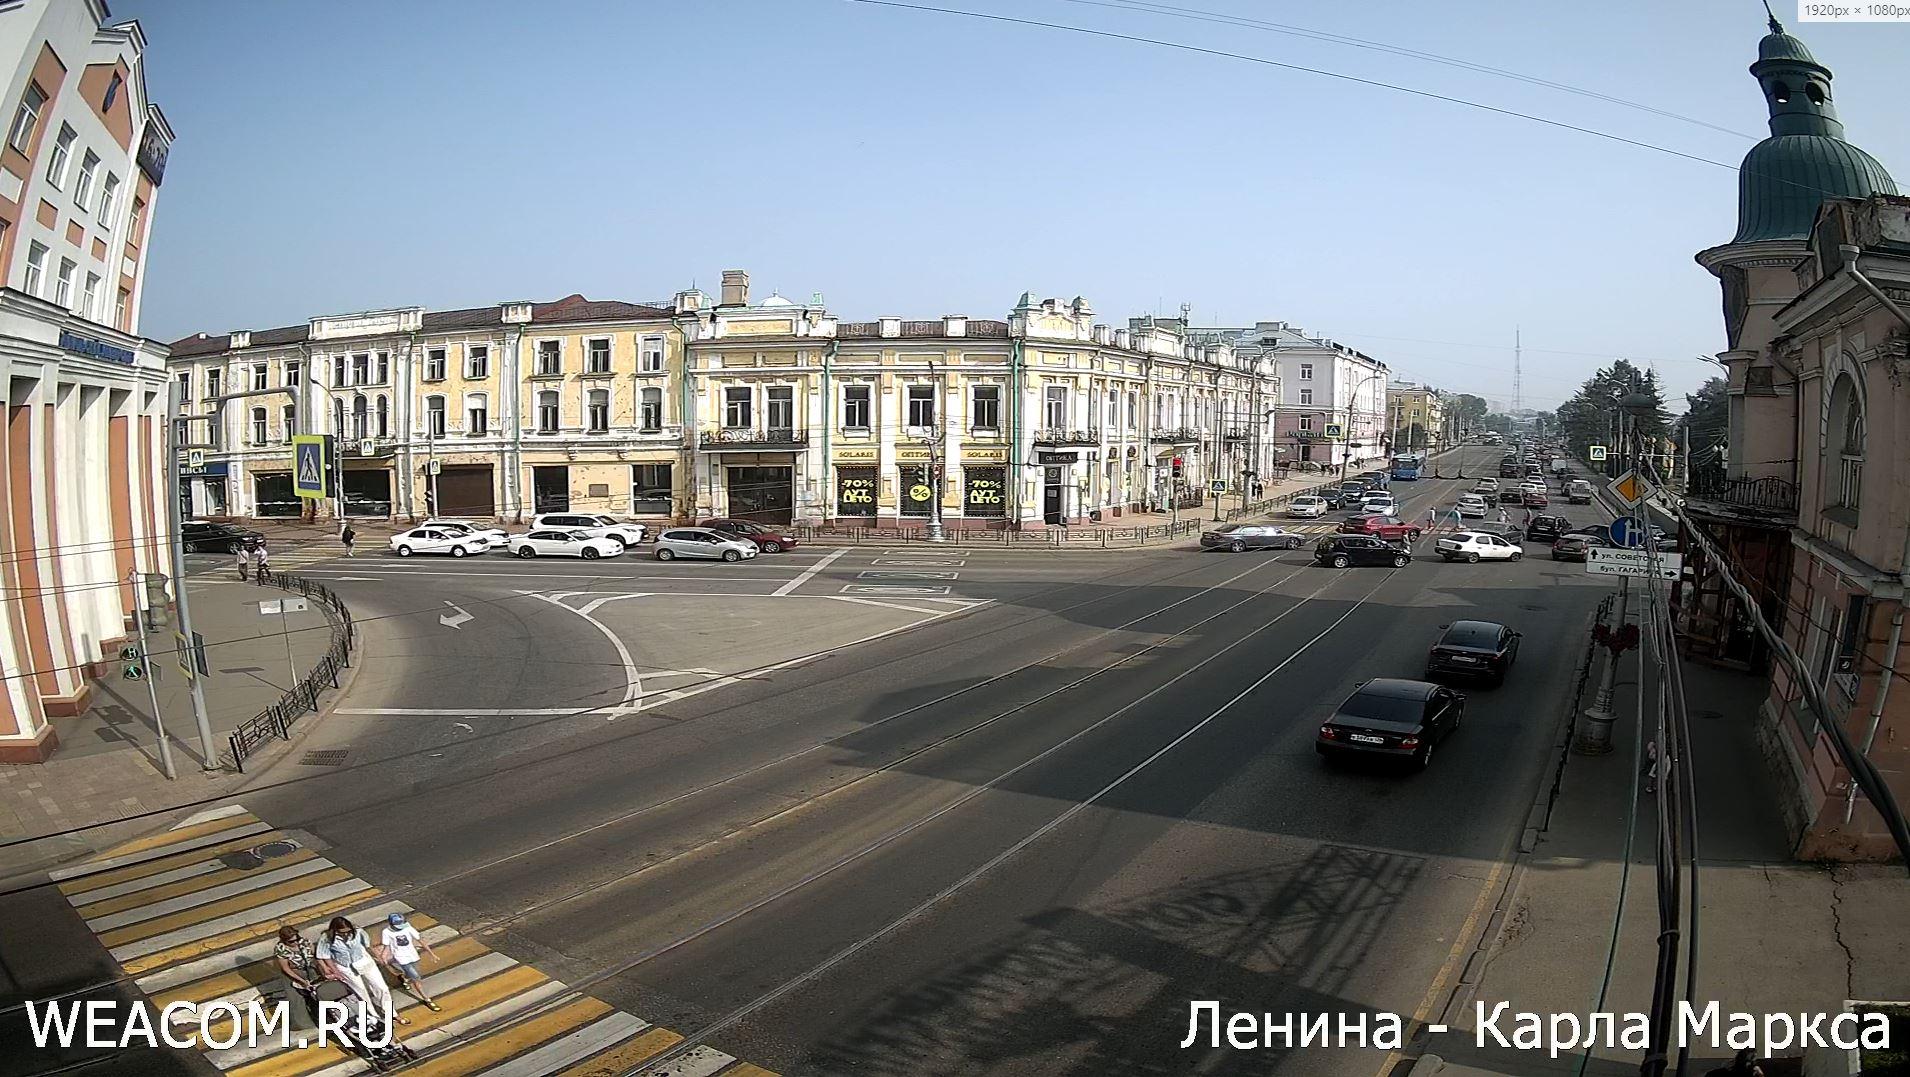 webcam Irkoutsk